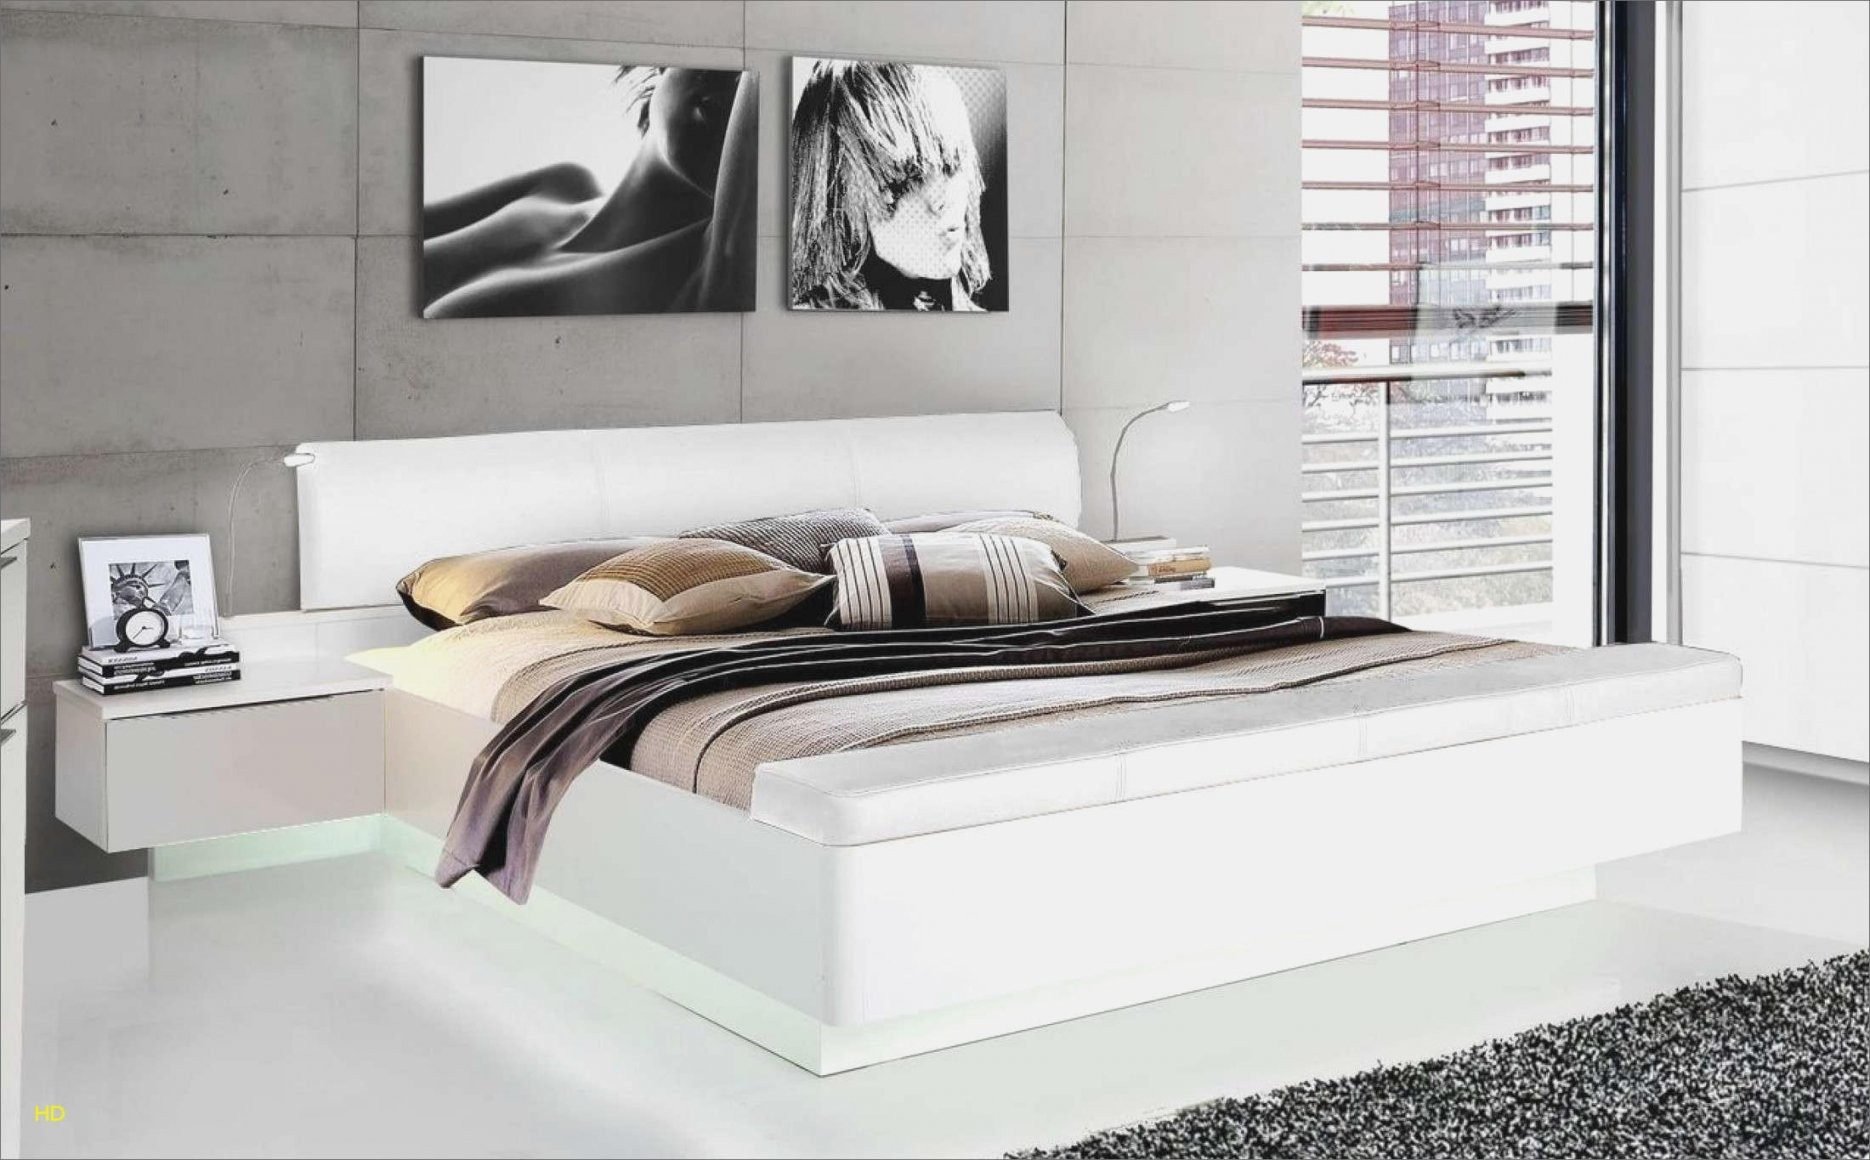 14 Awesome Betten Günstig Kaufen 180×200  Huambodigital von Betten Günstig Kaufen 180X200 Bild